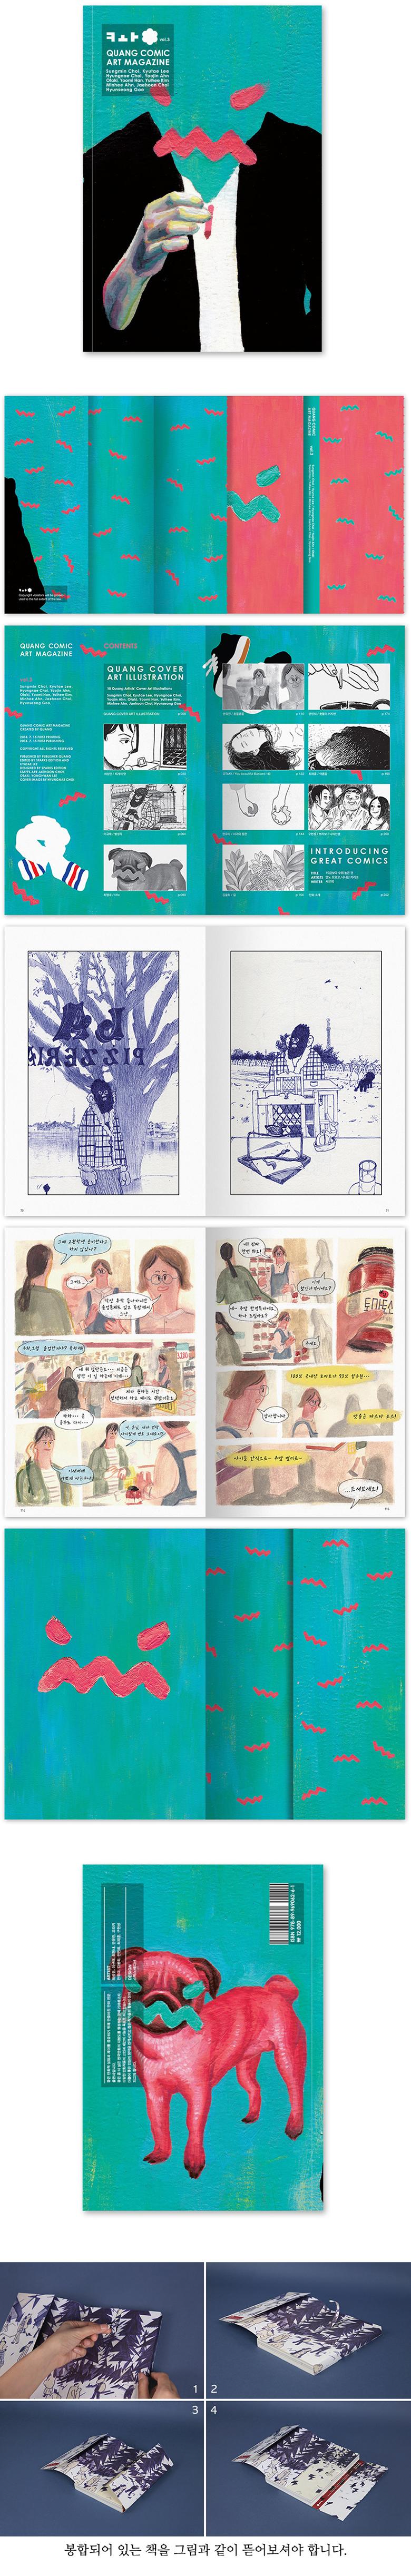 QUANG COMIC ART MAGAZINE VOL.3 - Quang Shop